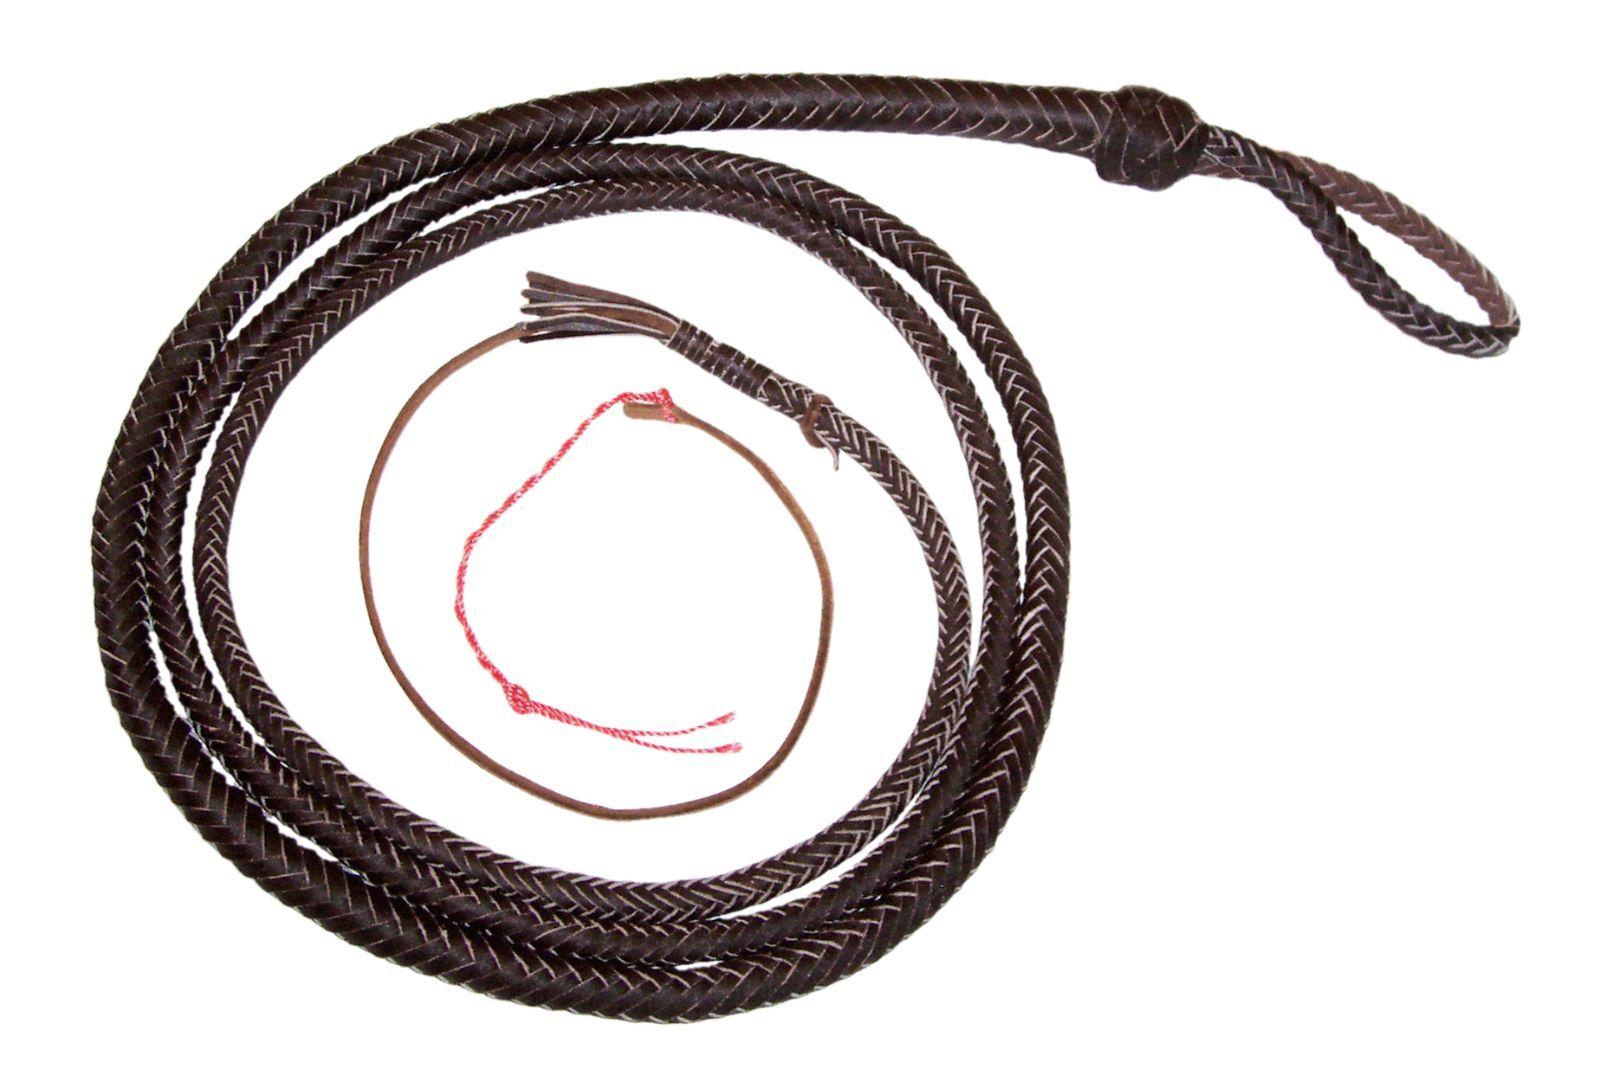 8 pies 12 Trenzas Marrón Oscuro Cuero Real De Serpiente Látigo Látigo de toros látigo Toro